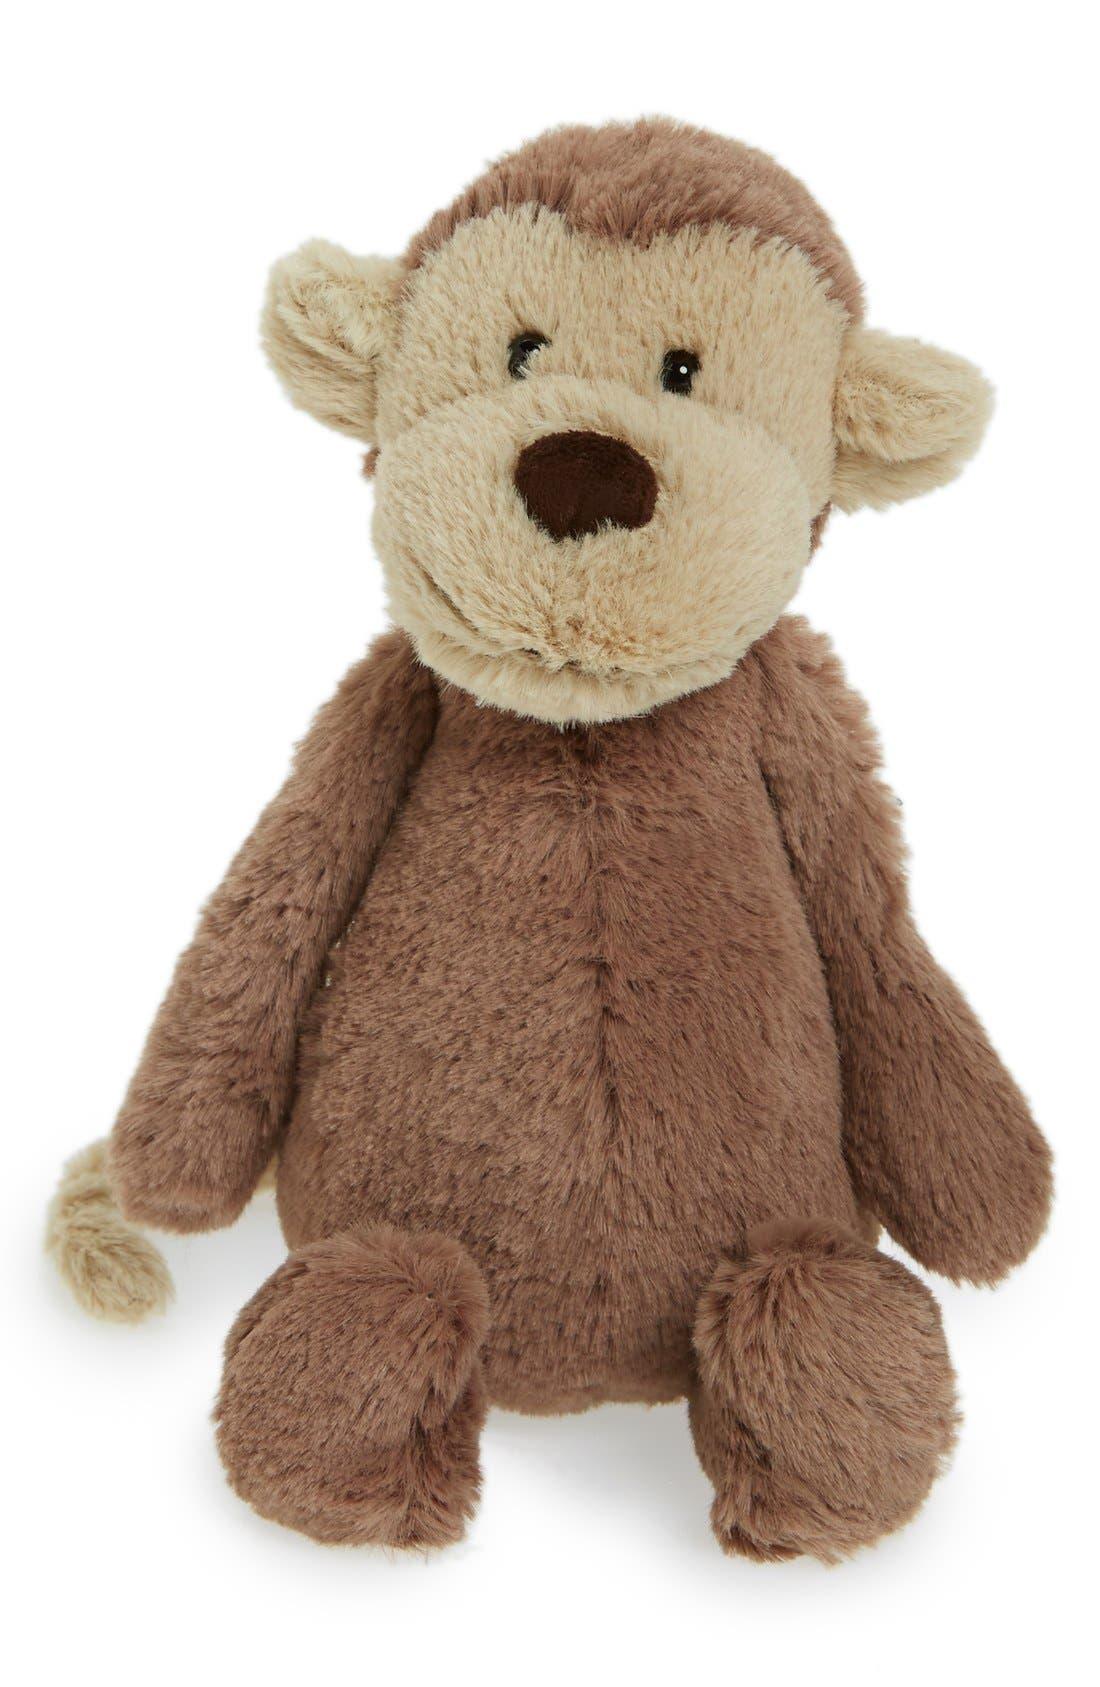 Jellycat 'Small Bashful Monkey' Stuffed Animal